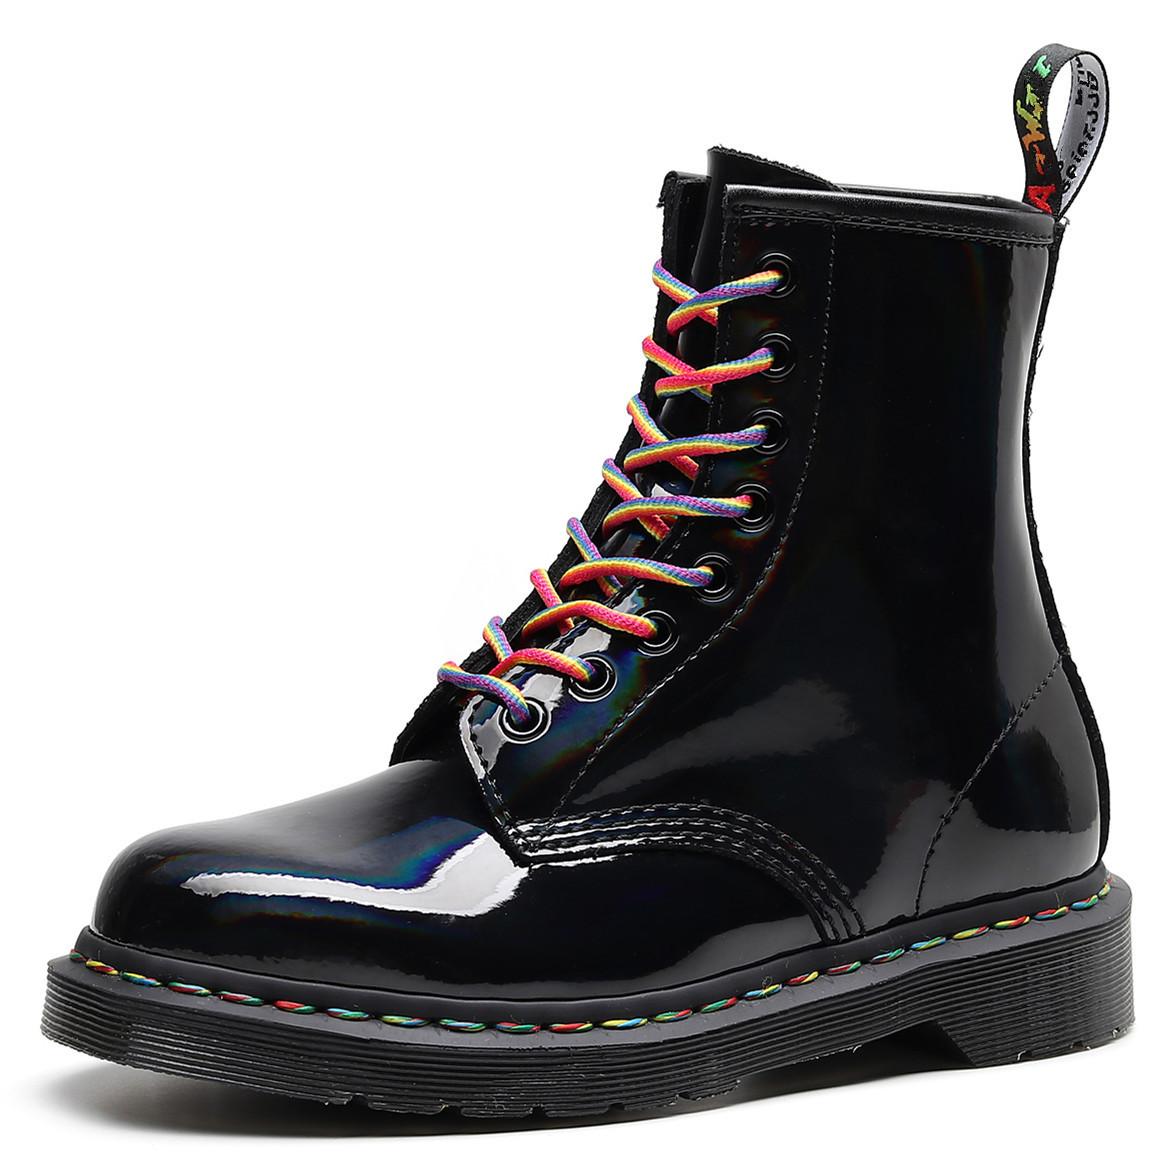 欧美1460马丁靴彩虹漆皮英伦风镜面渐变短靴镭射真皮男女靴子潮流